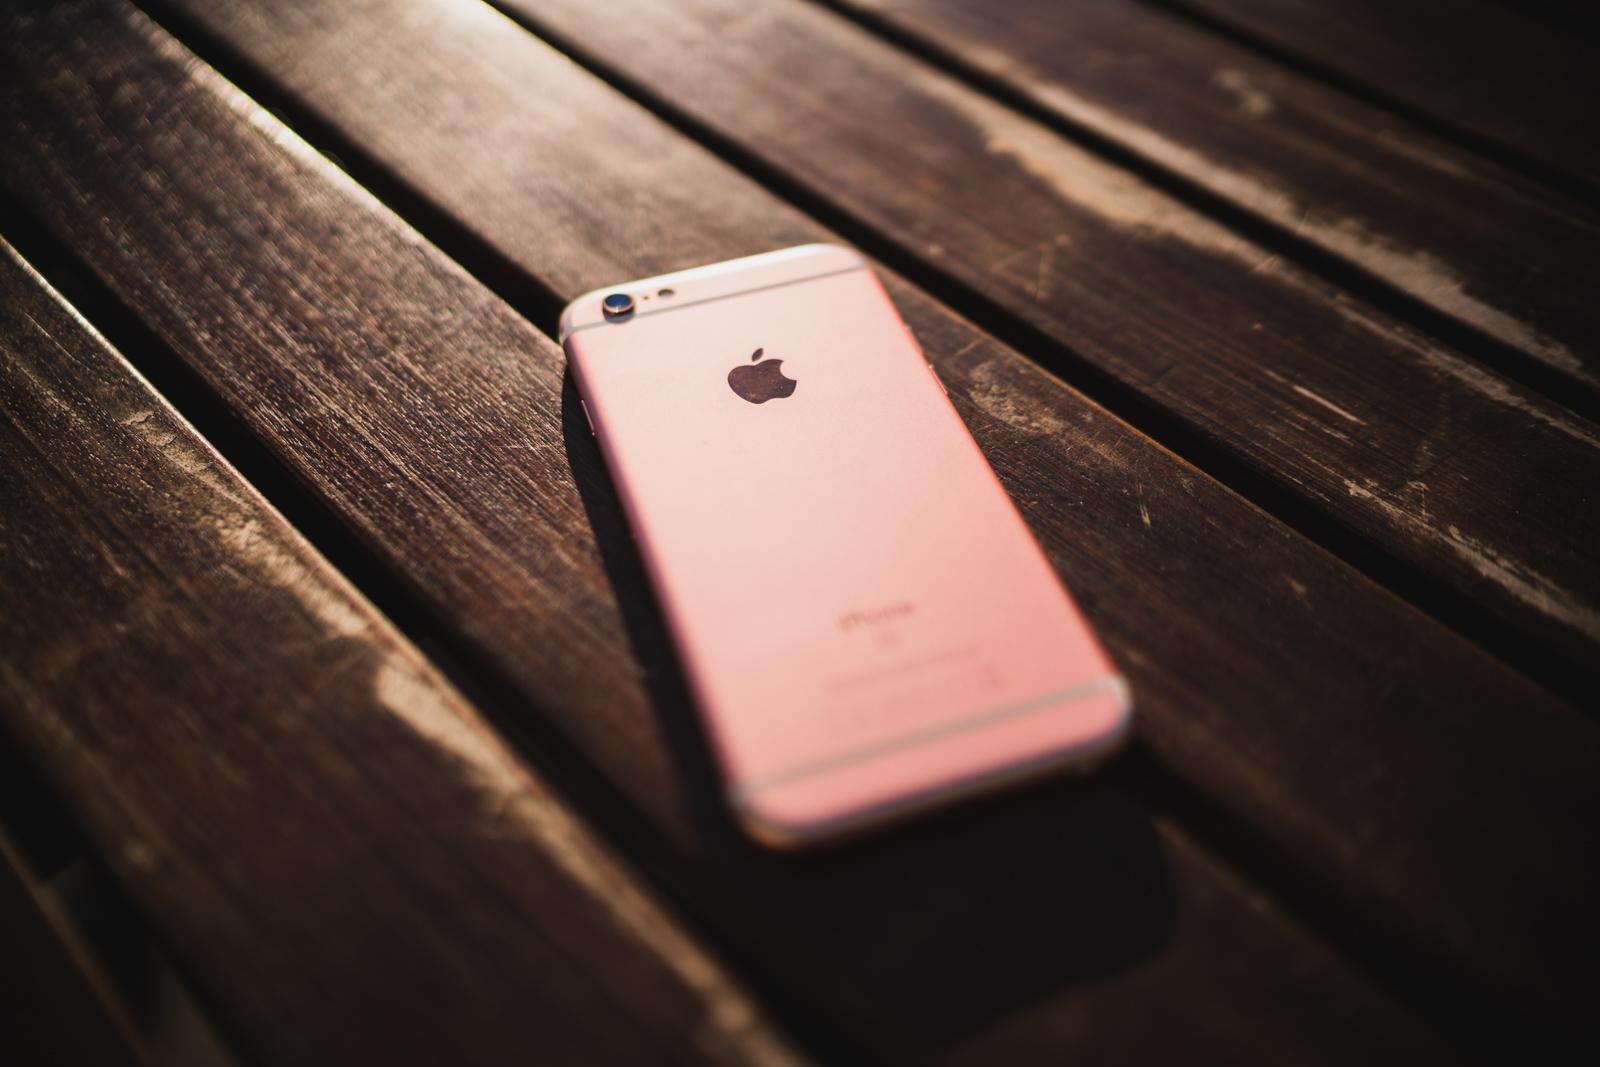 Aparat w iPhonie 6s bez tajemnic – recenzja Spider's Web